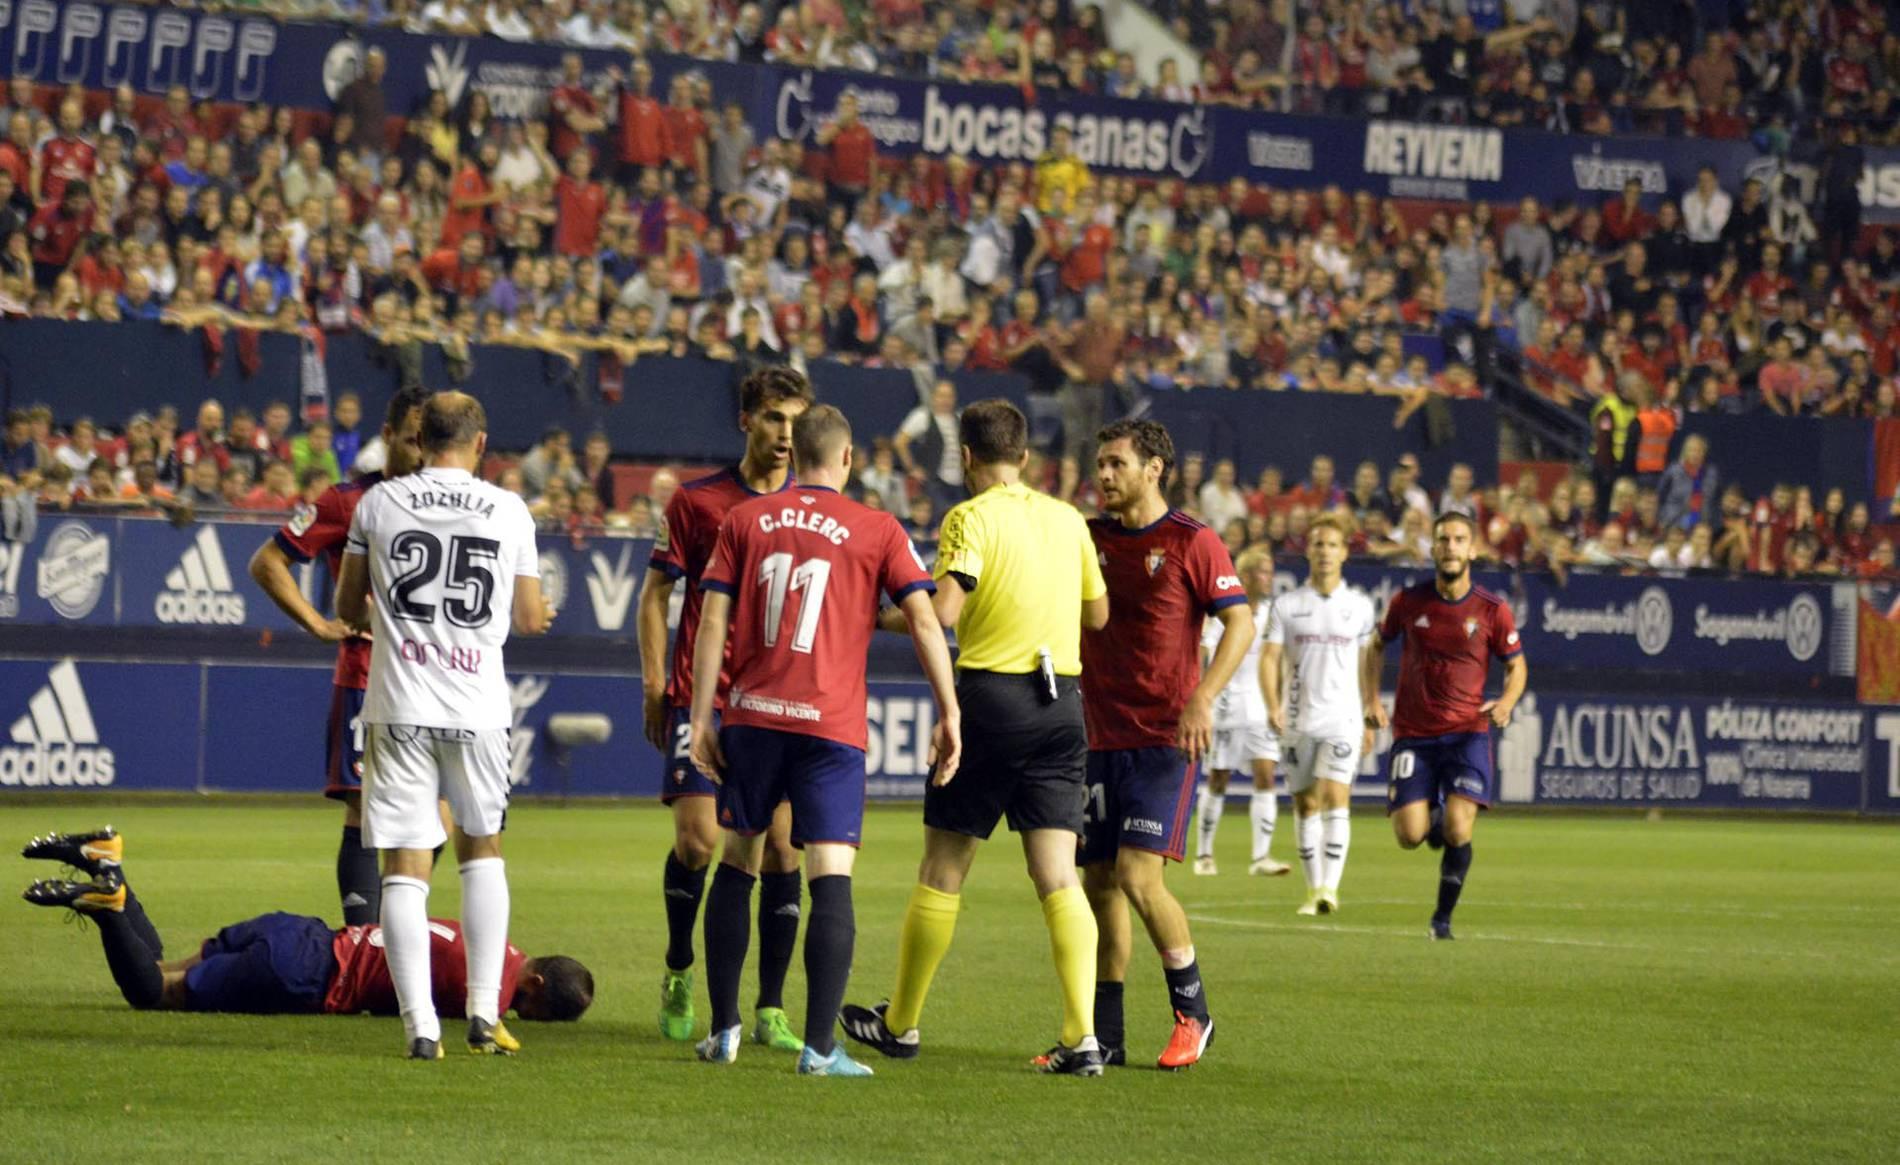 El Osasuna se mantiene líder en el regreso de Enrique Martín al Sadar.